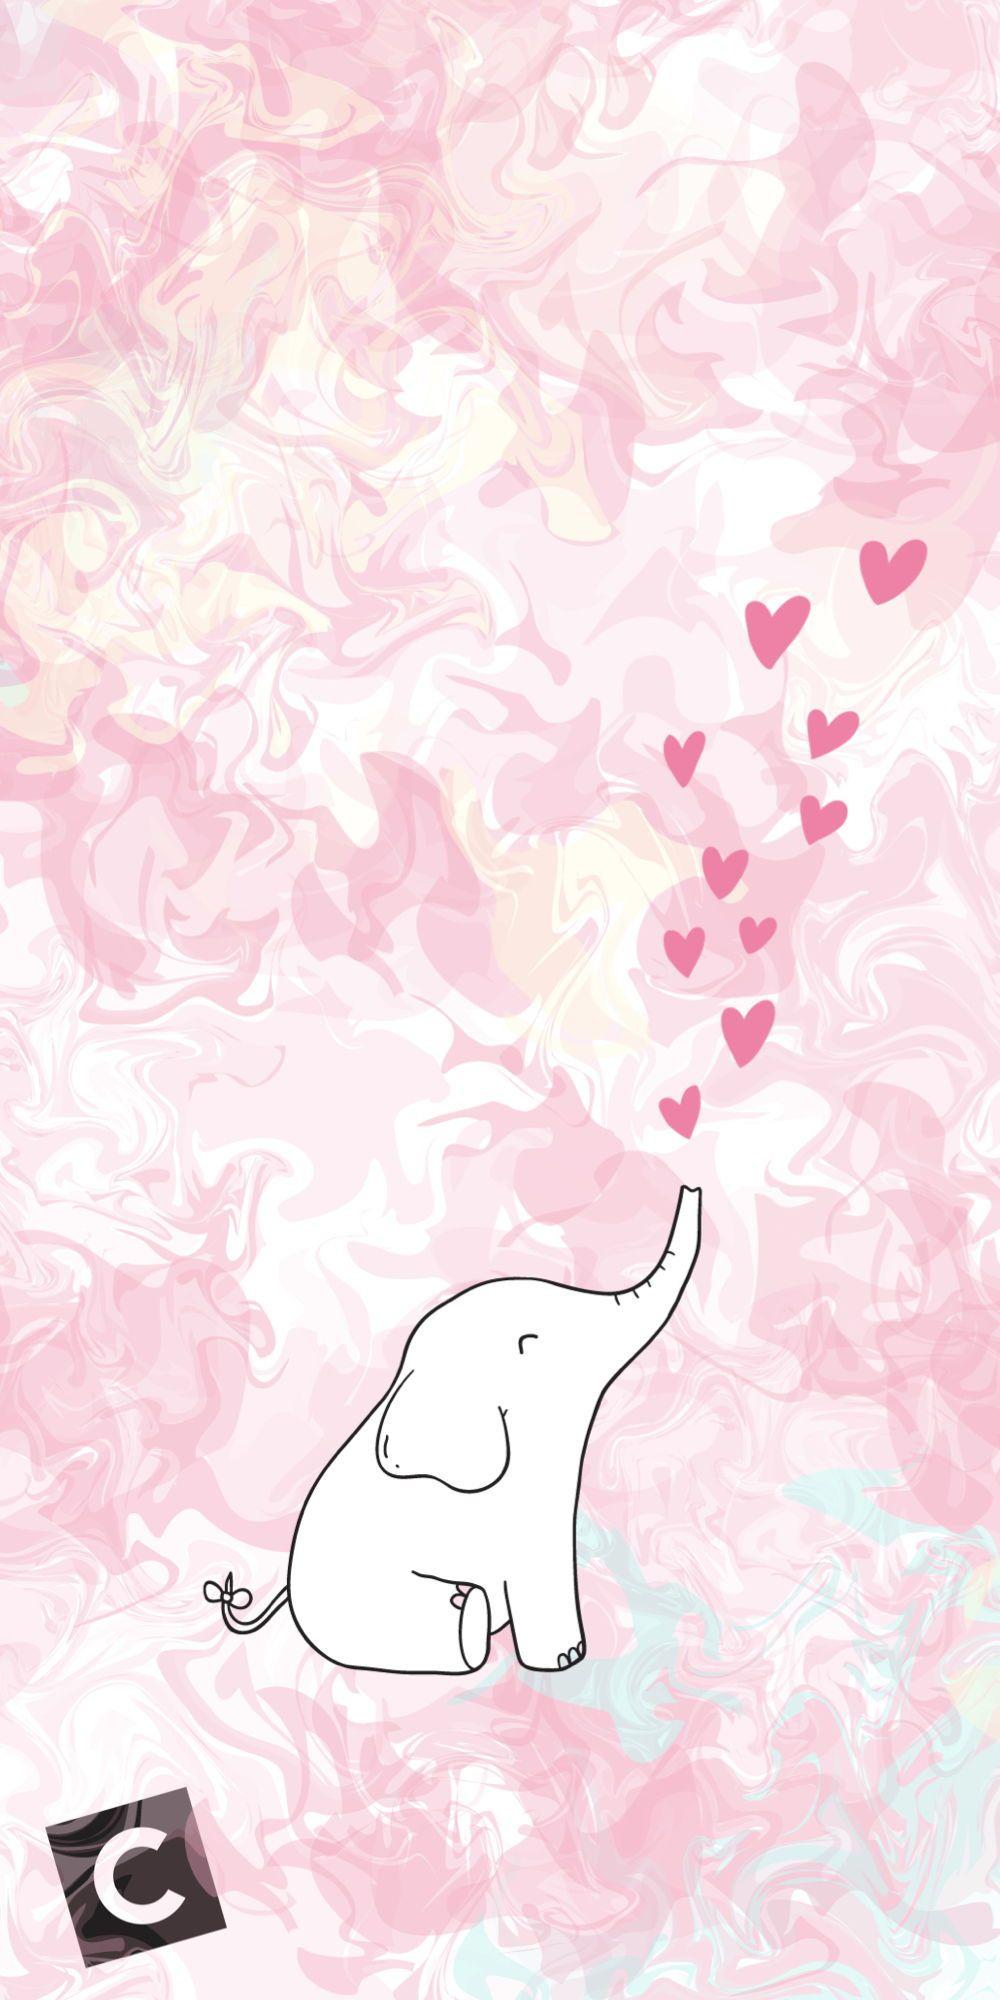 Casetify Iphone Art Design Illustration Nature Animals Cute Elephant Wallpaper Kawaii Wallpaper Art Design